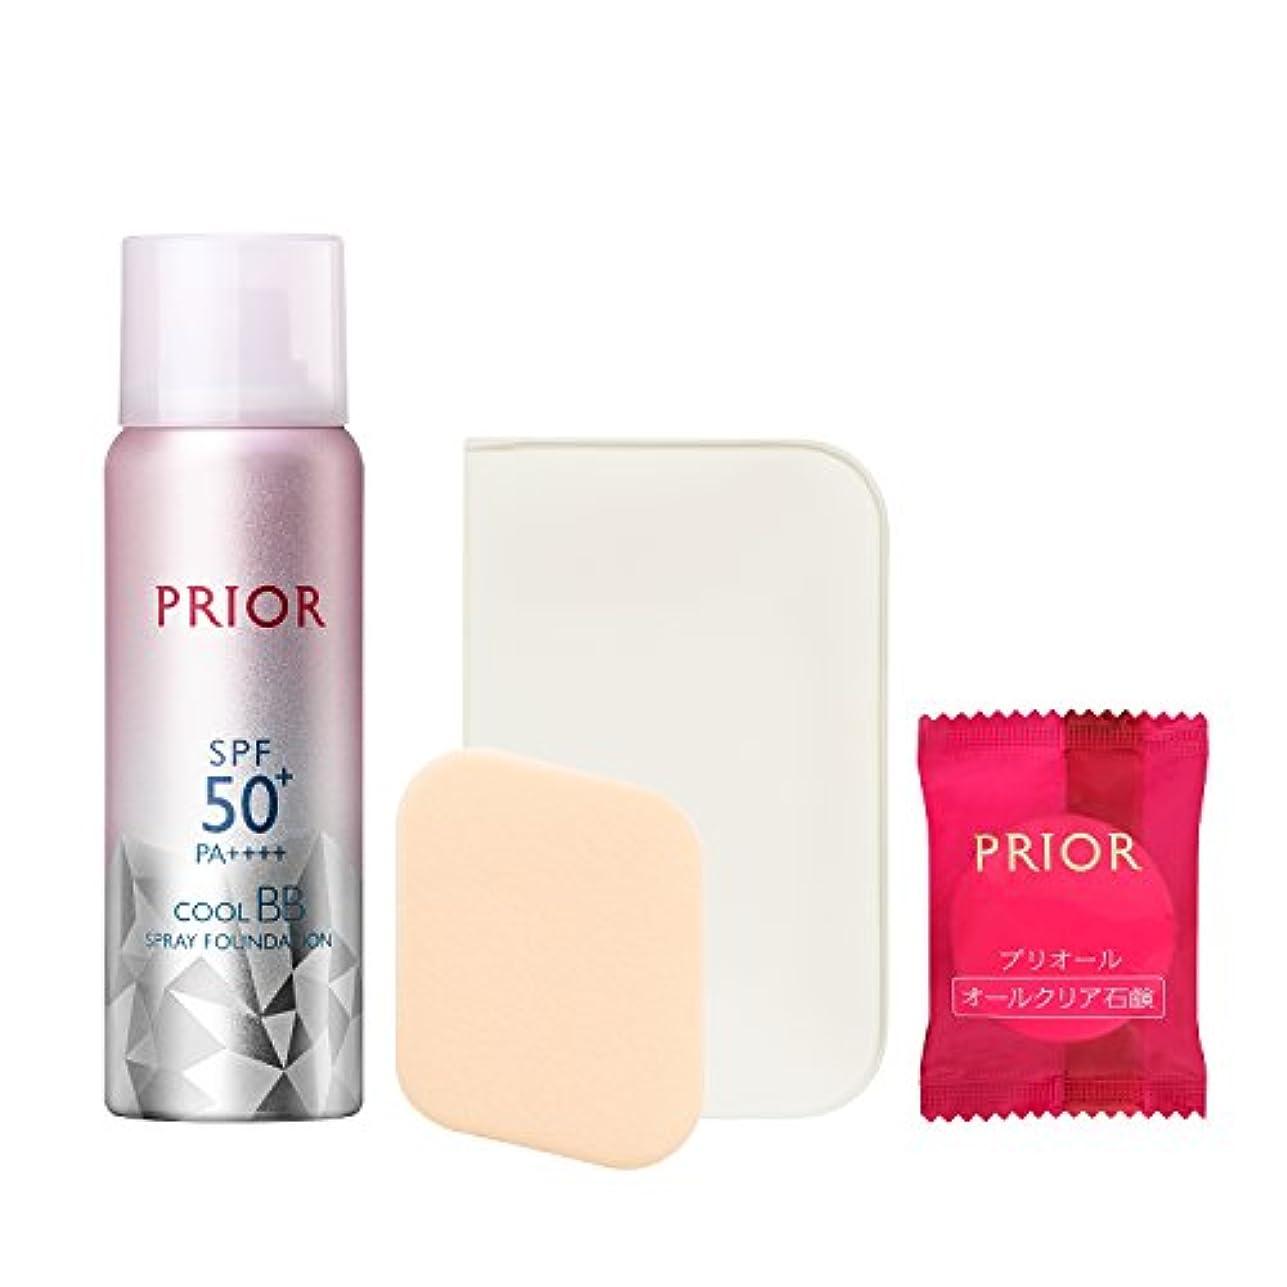 あえぎ食器棚条件付きプリオール クール美つやBBスプレー UV 50 ライト b 50g